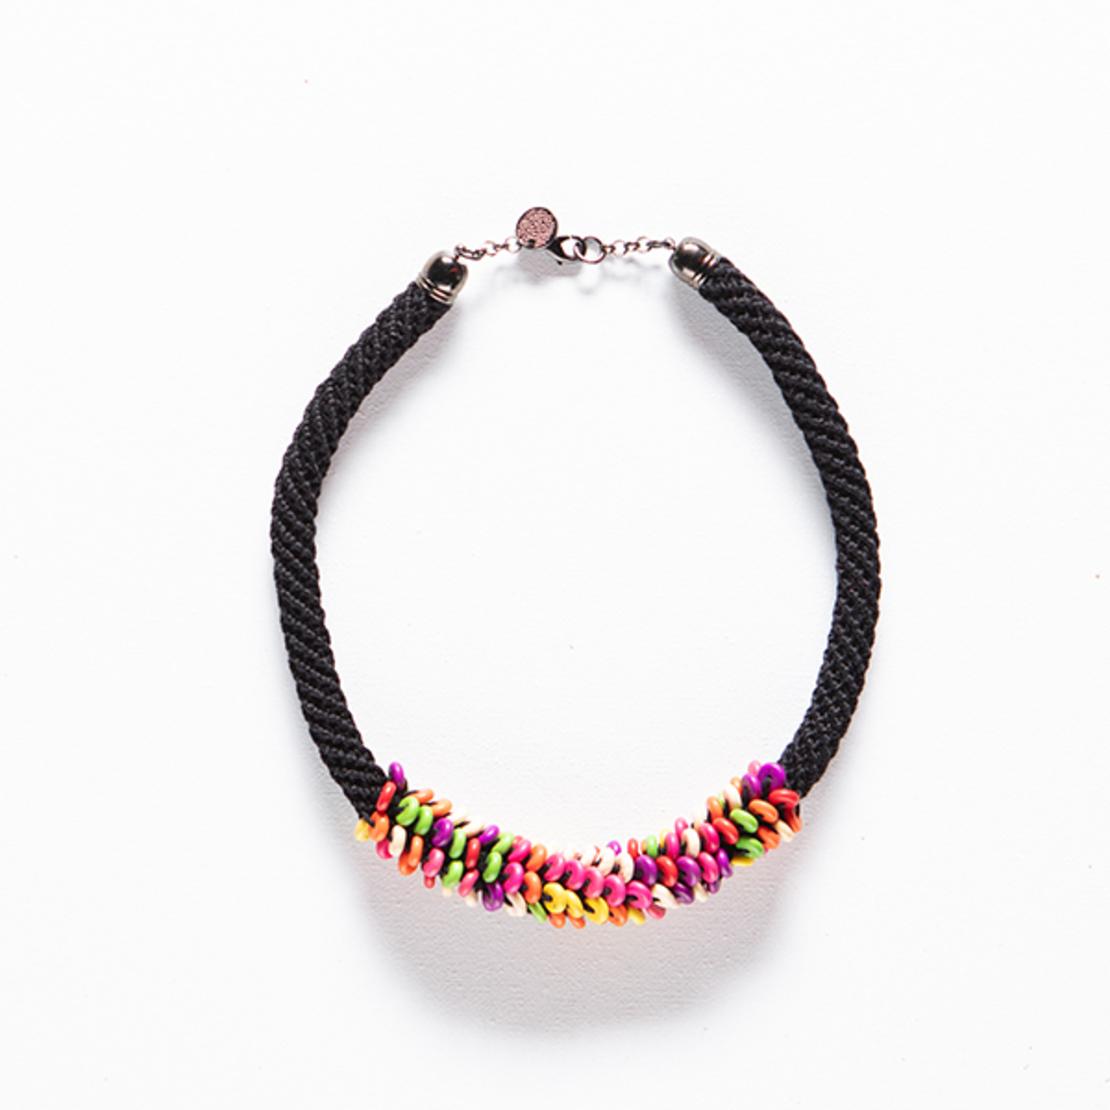 שרשרת אופירה | תכשיט חרוזים צבעוניים | תכשיט שחור & חרוזים צבעוניים